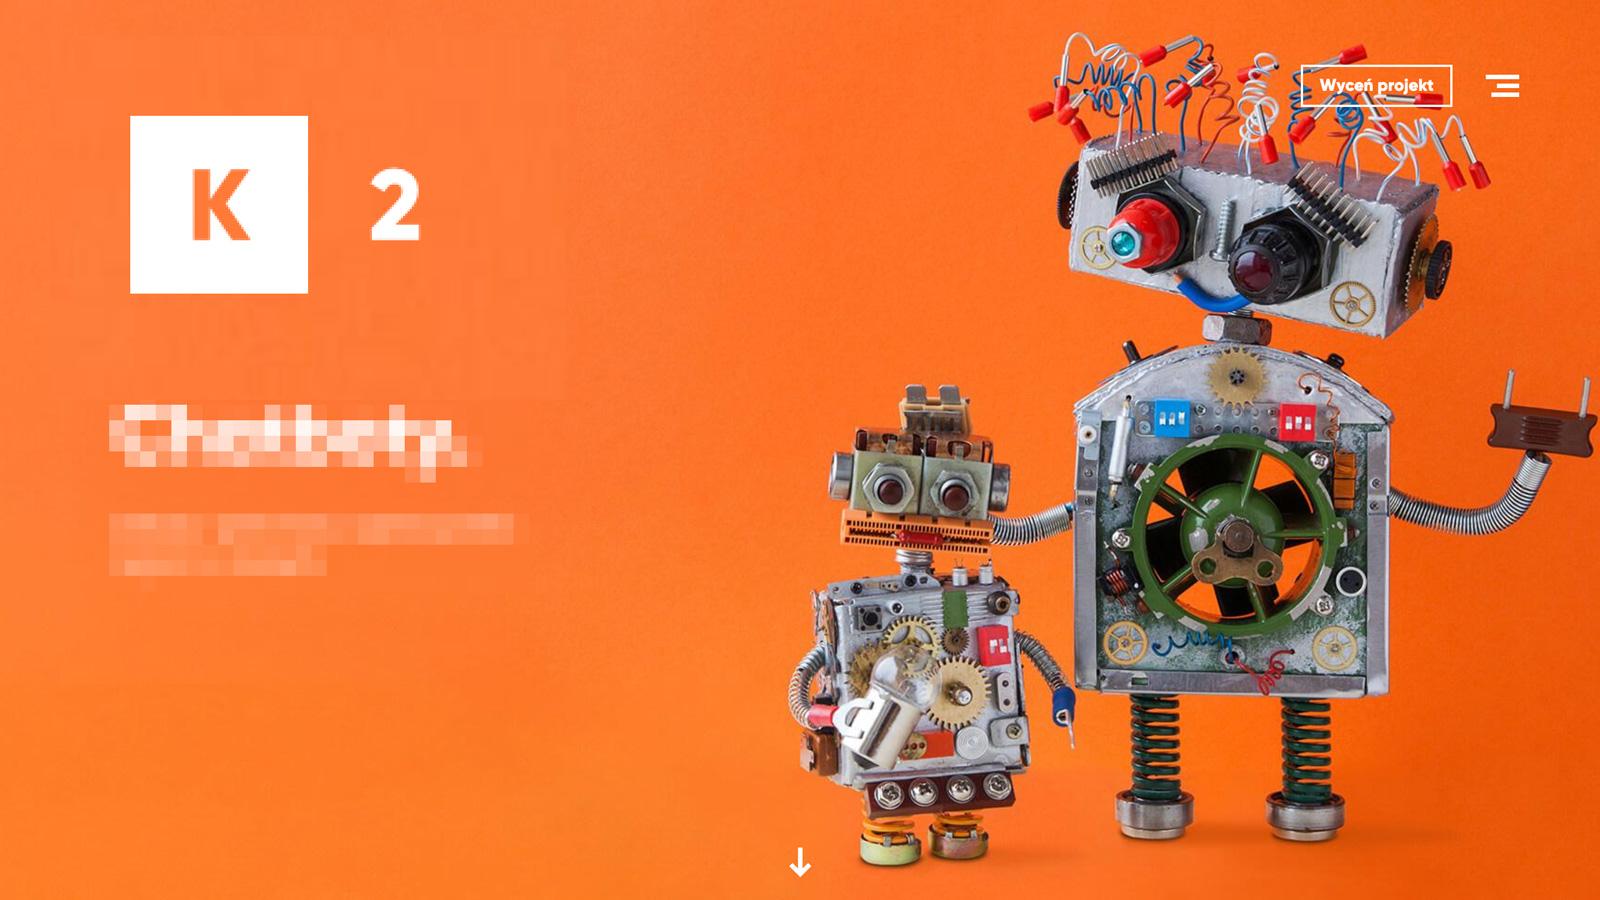 Agencje K2 i K2 Precise dołączają do globalnej sieci agencjii agencja mediarun k2 agencja www 2019